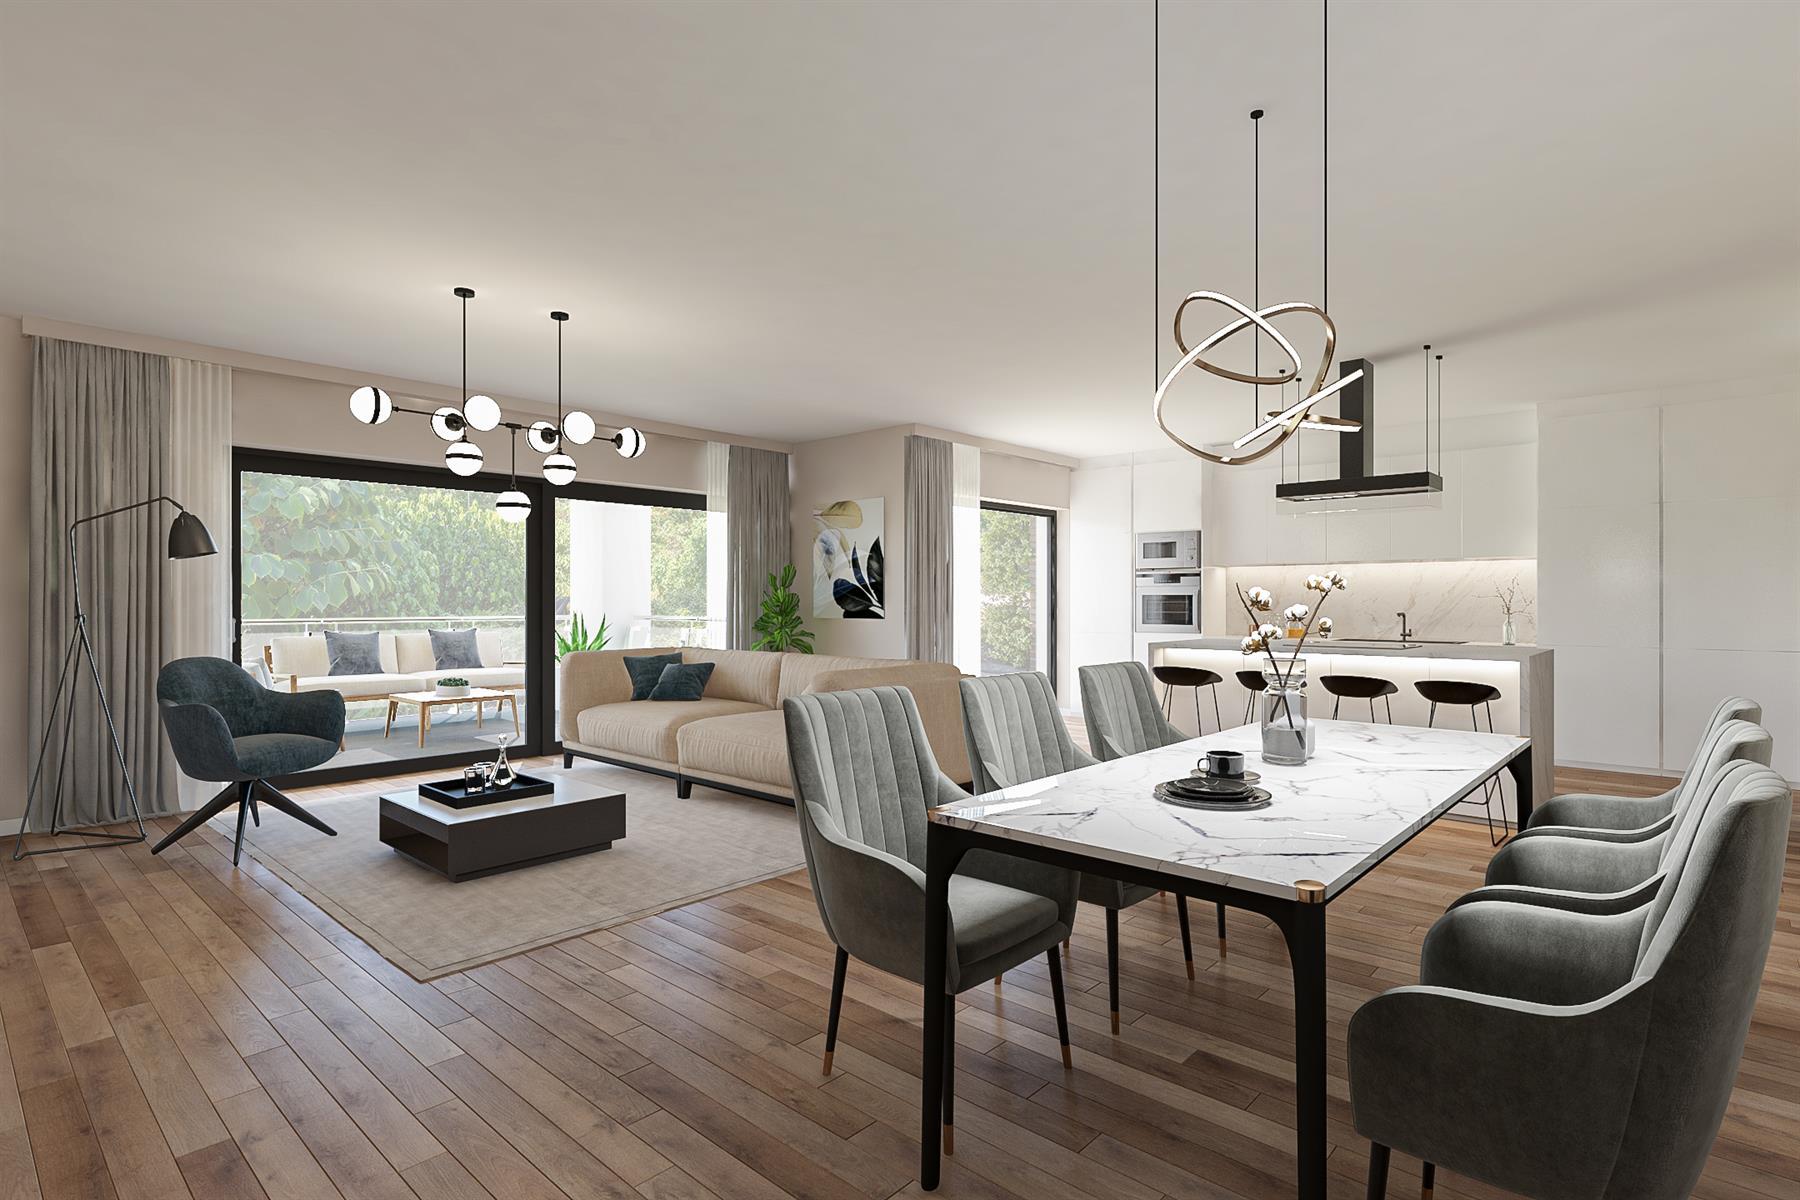 Flat - Ixelles - #4374765-0